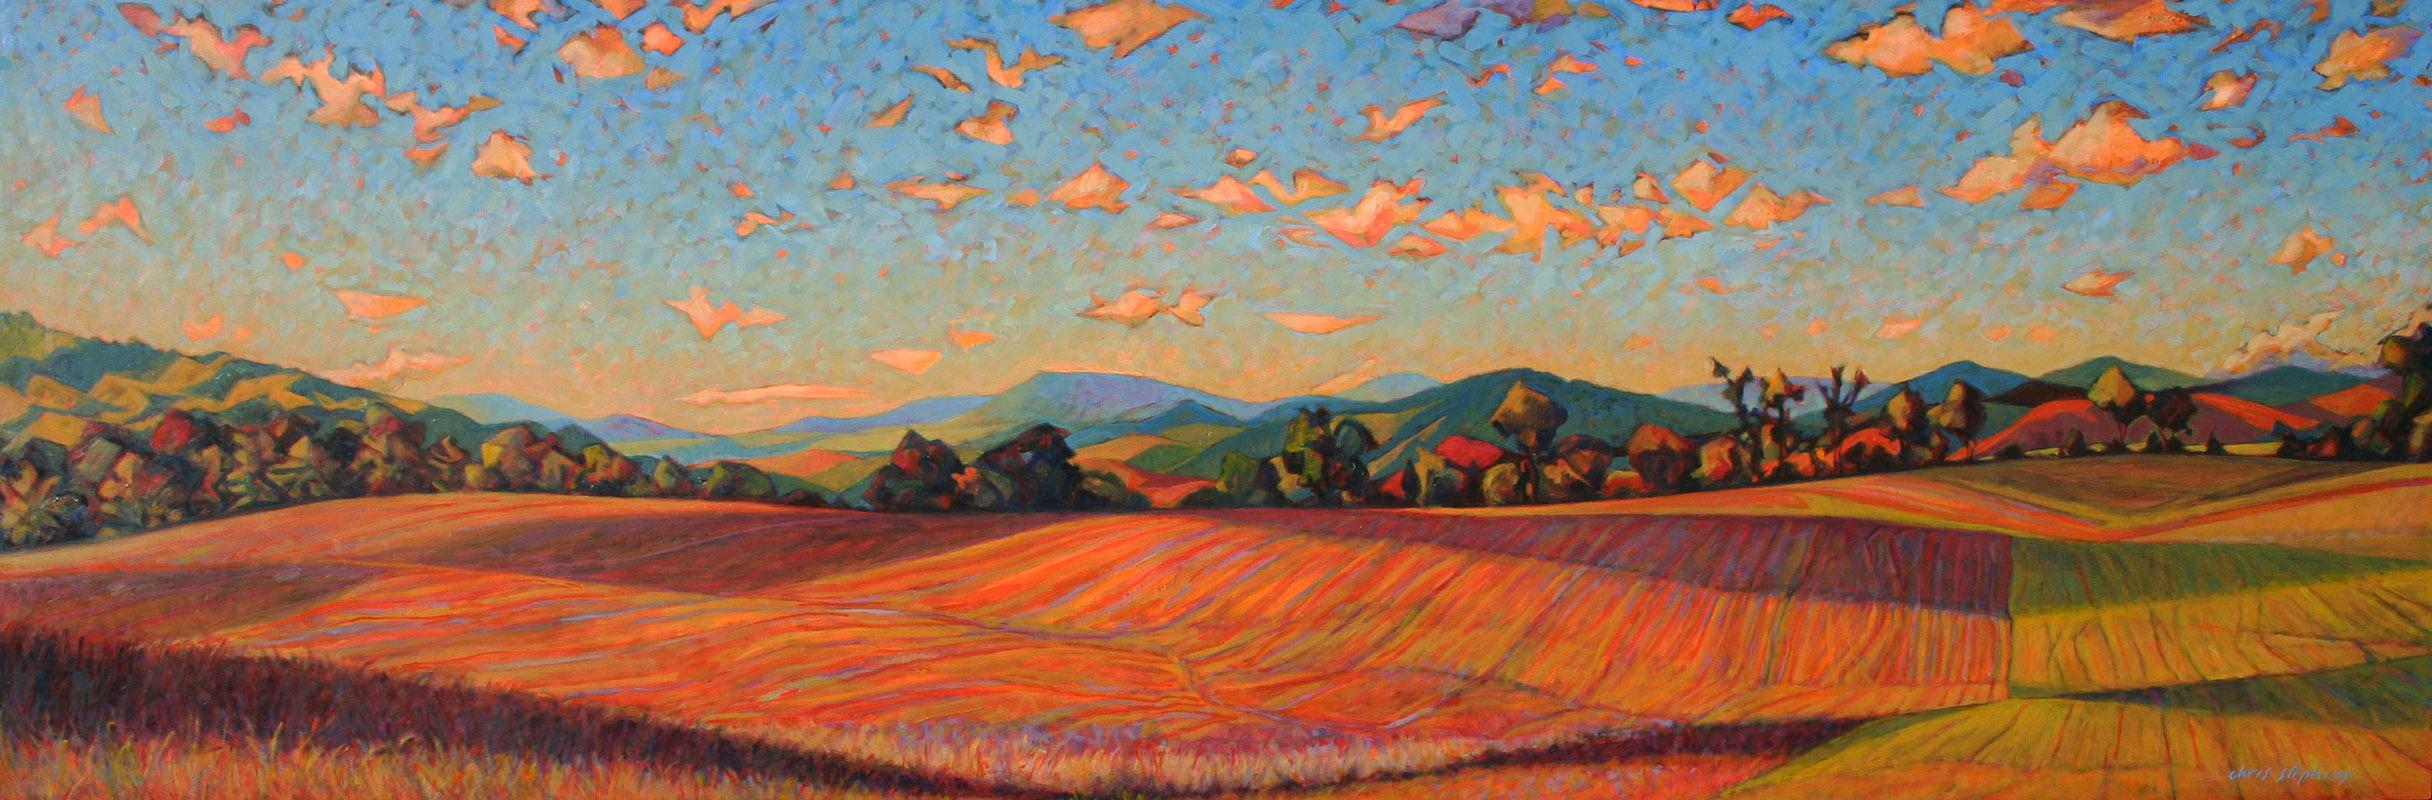 October Soybean Field